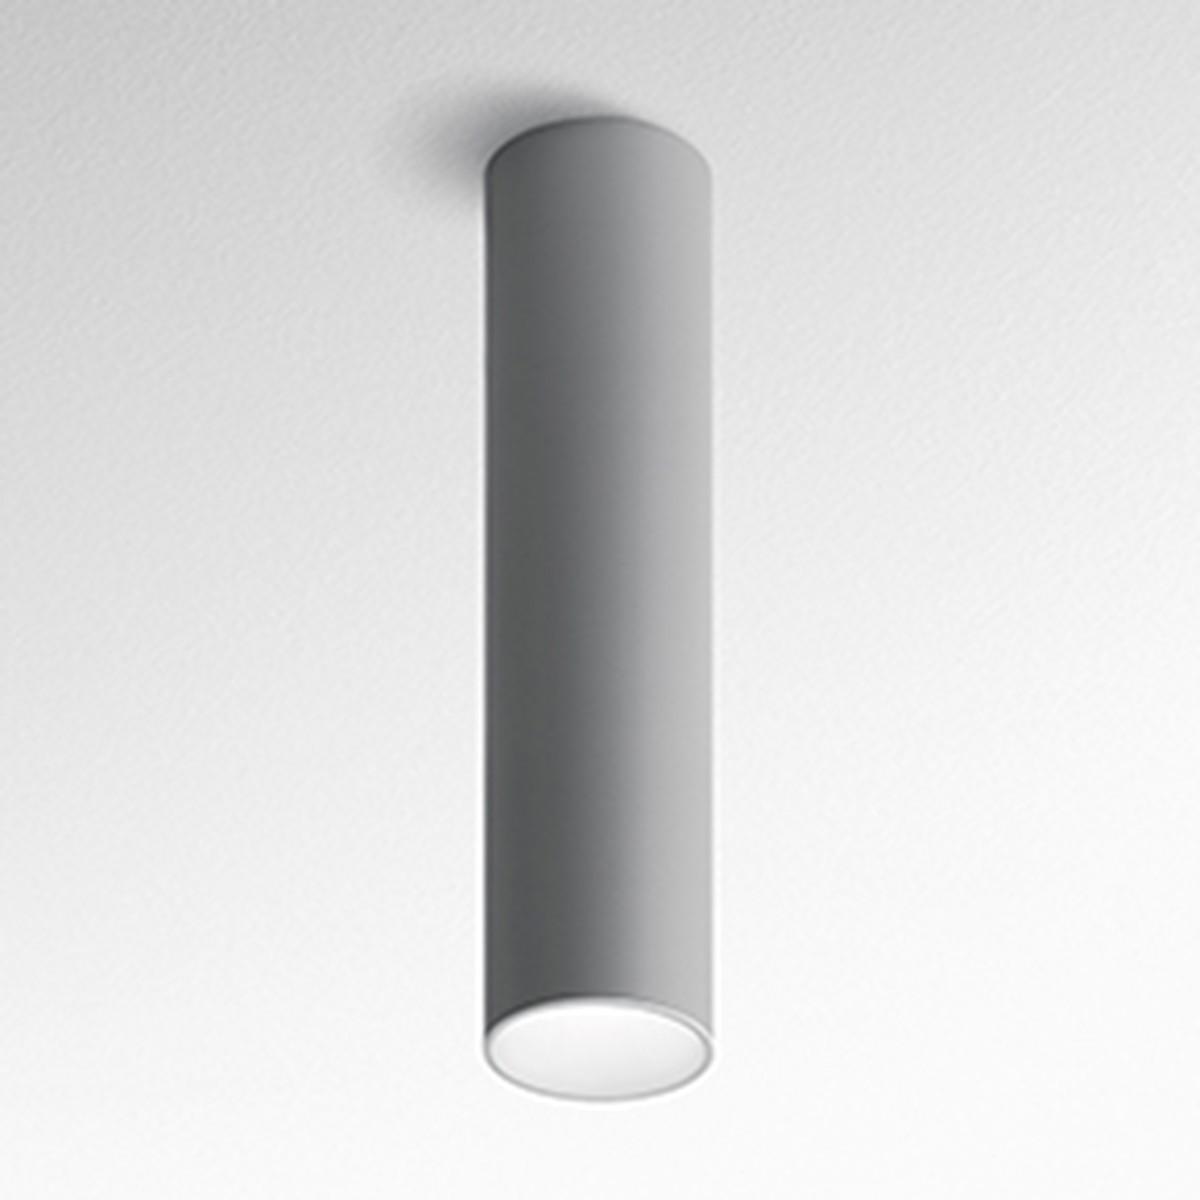 Artemide Architectural Tagora 80 Deckenleuchte, grau - weiß